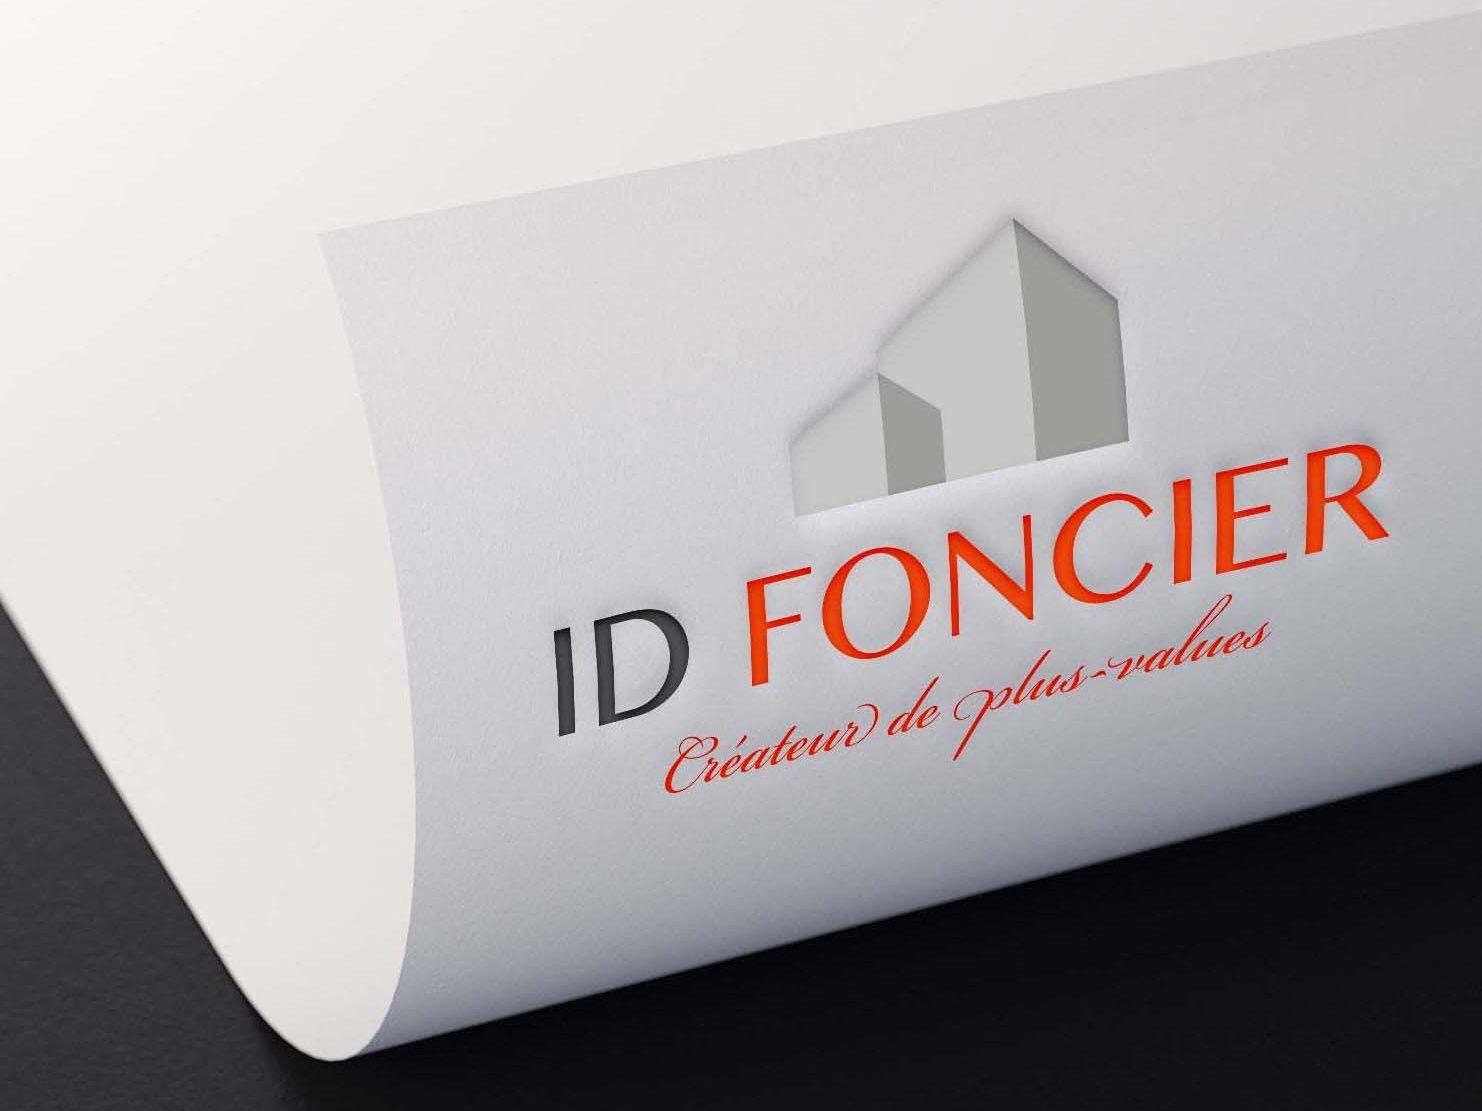 logo sur papier id foncier